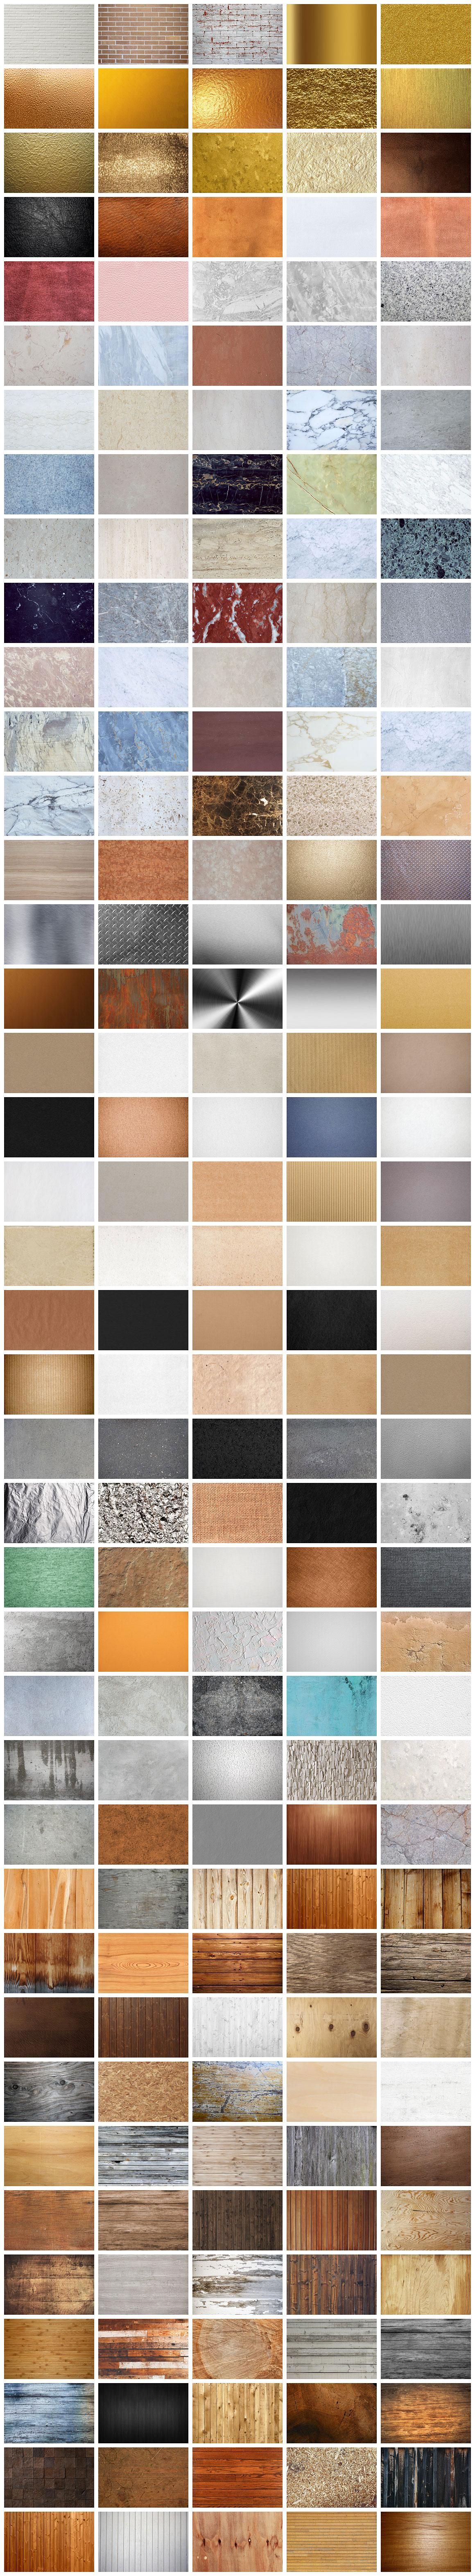 Textures-Bundle-2